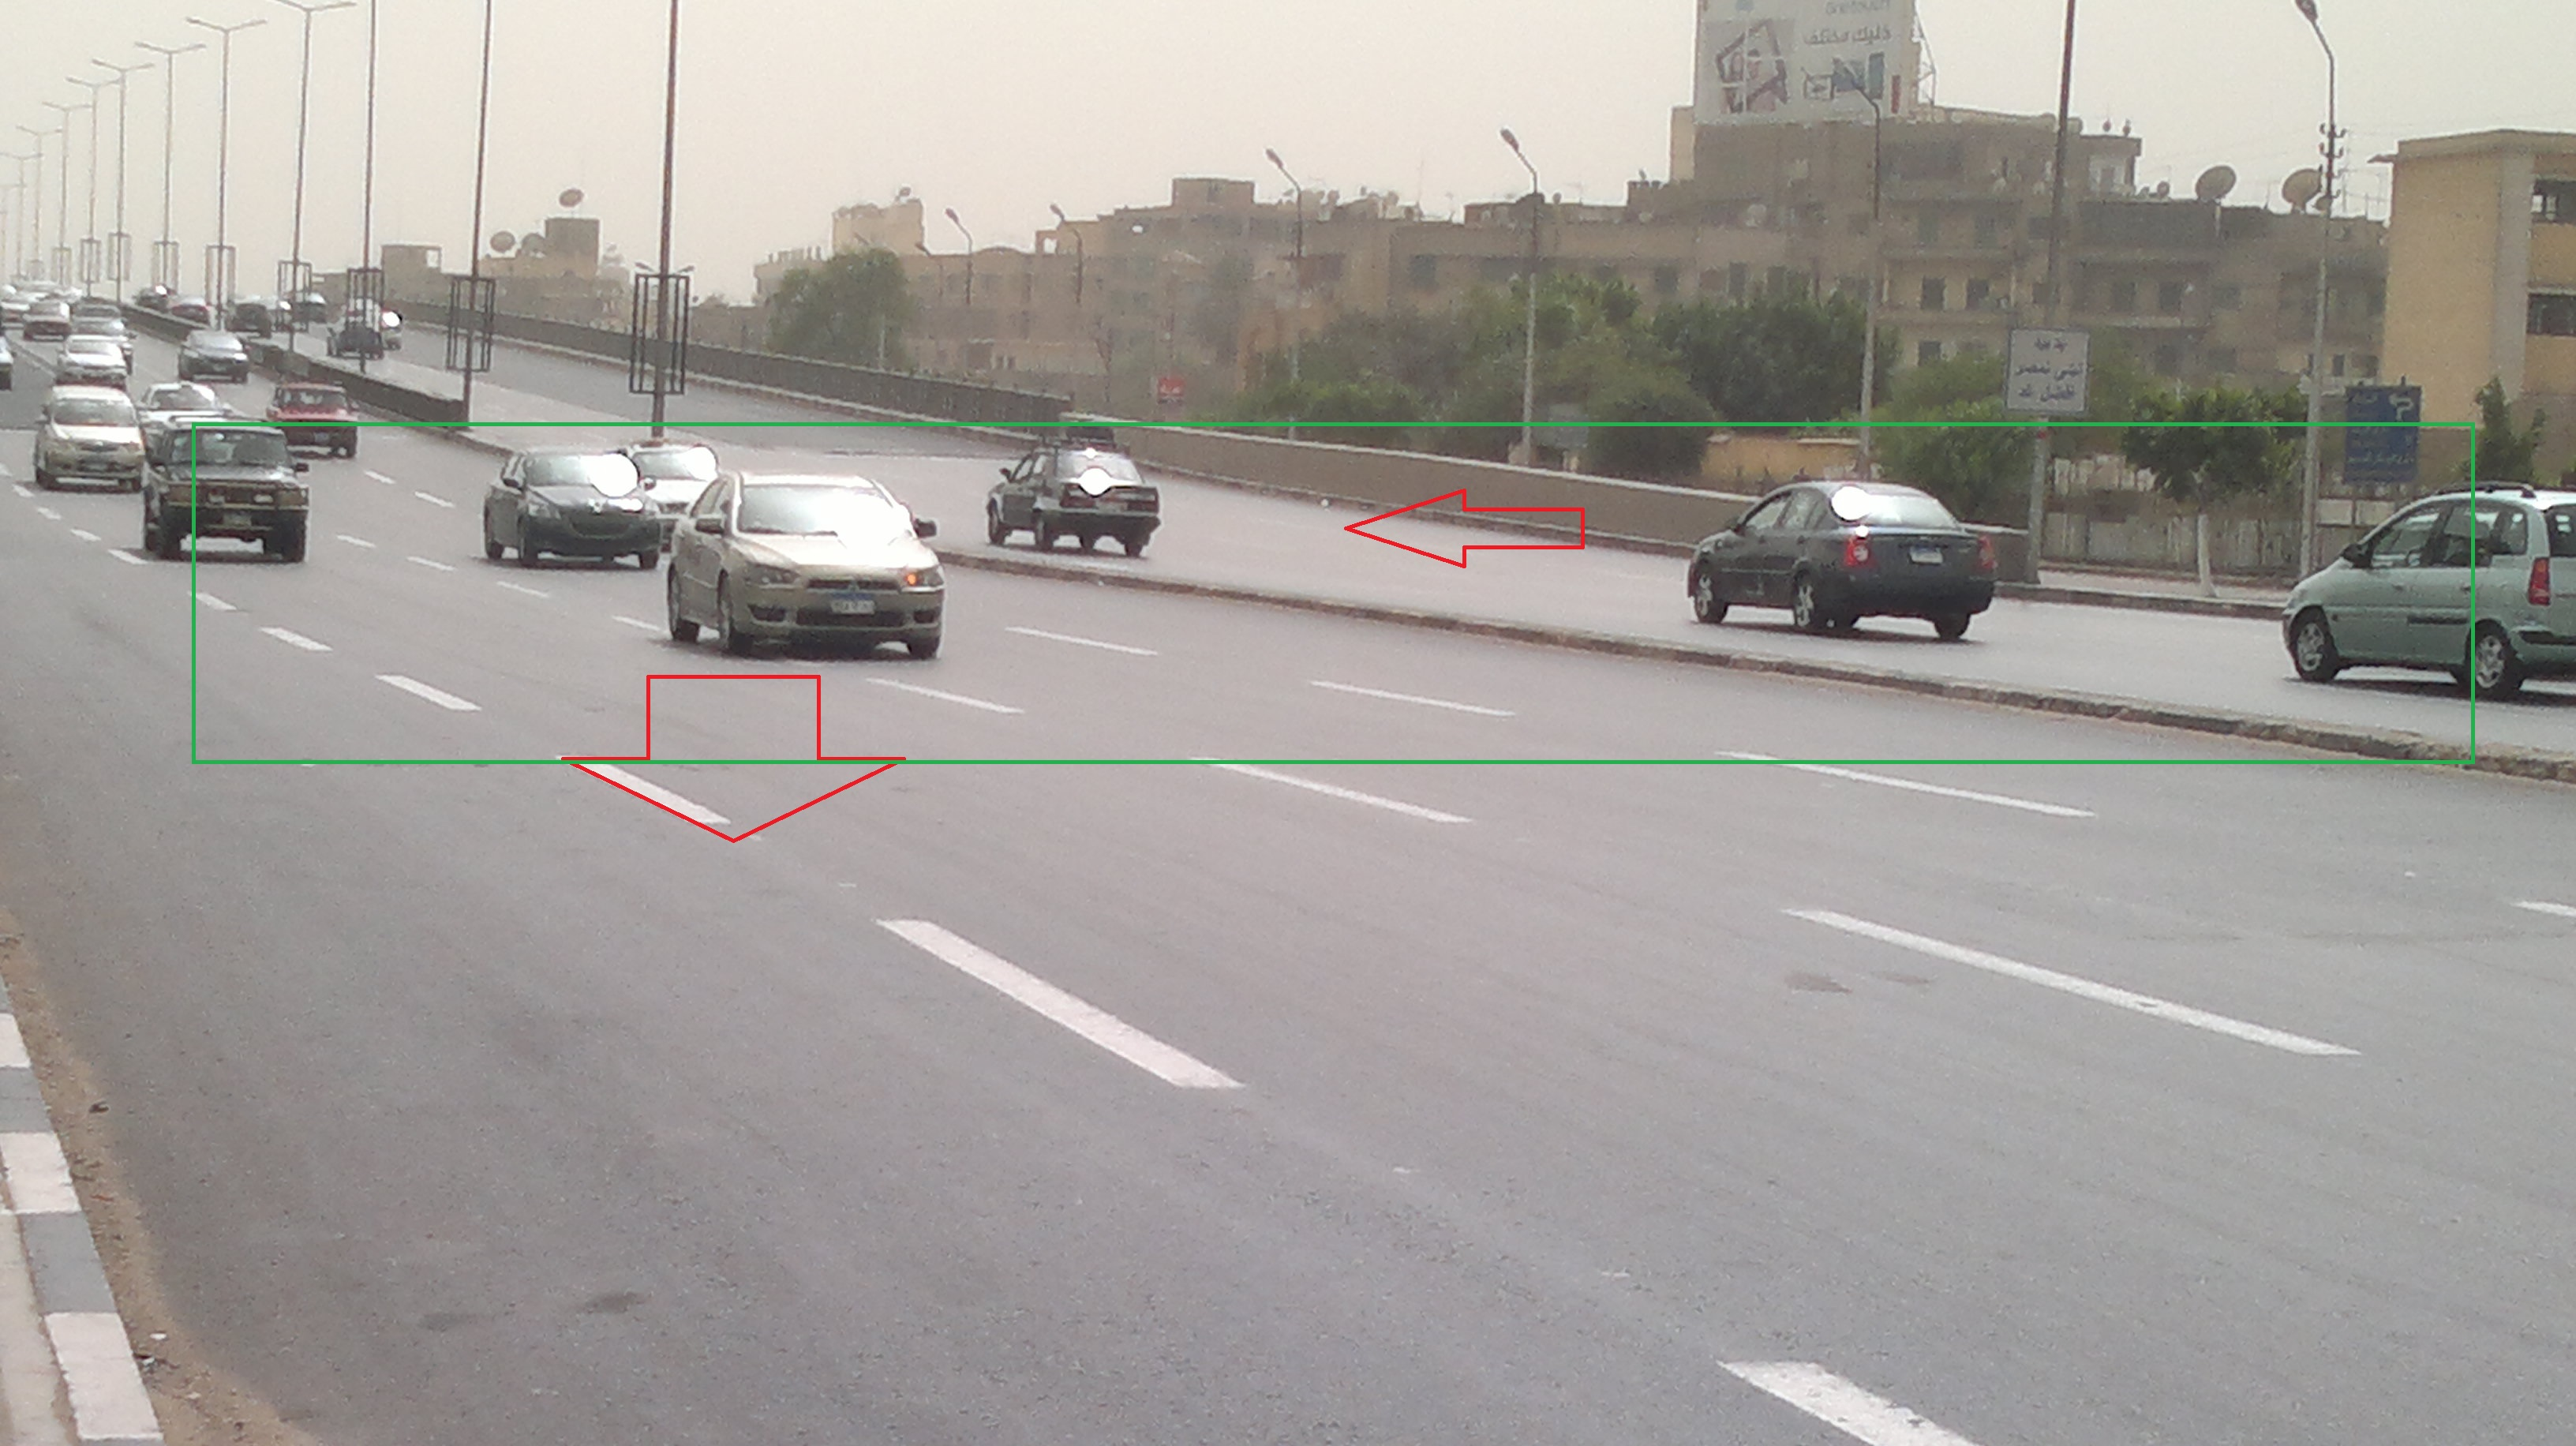 توسعة كوبري الجلاء دون فاصل آمن بين السيارات (تصوير صبحي عبدالله)